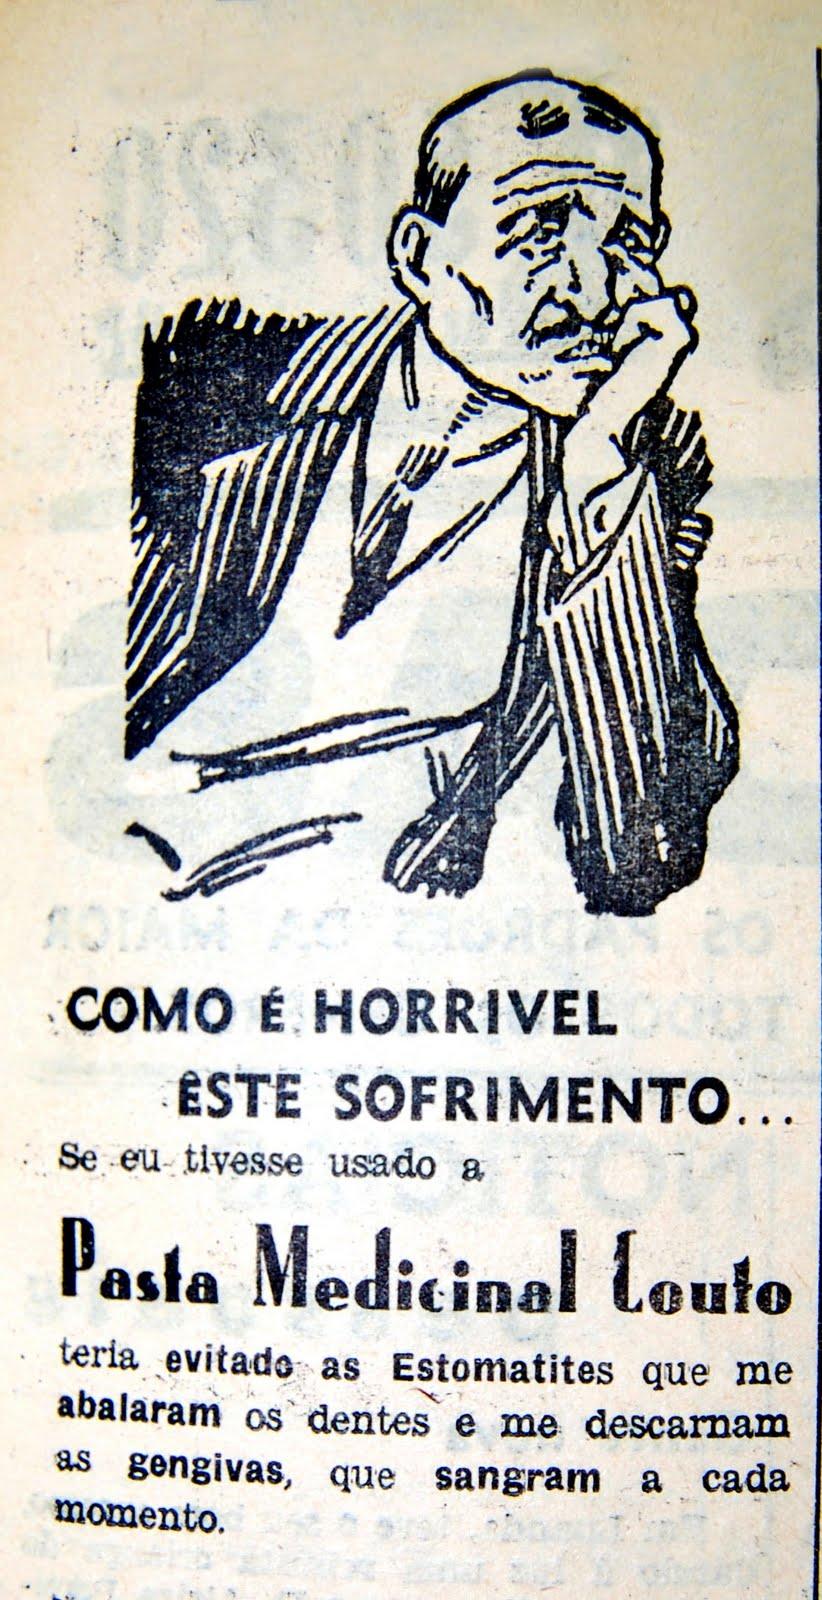 [Image: 1947_DA%2BPasta%2BMedicinalCouto2.jpg]